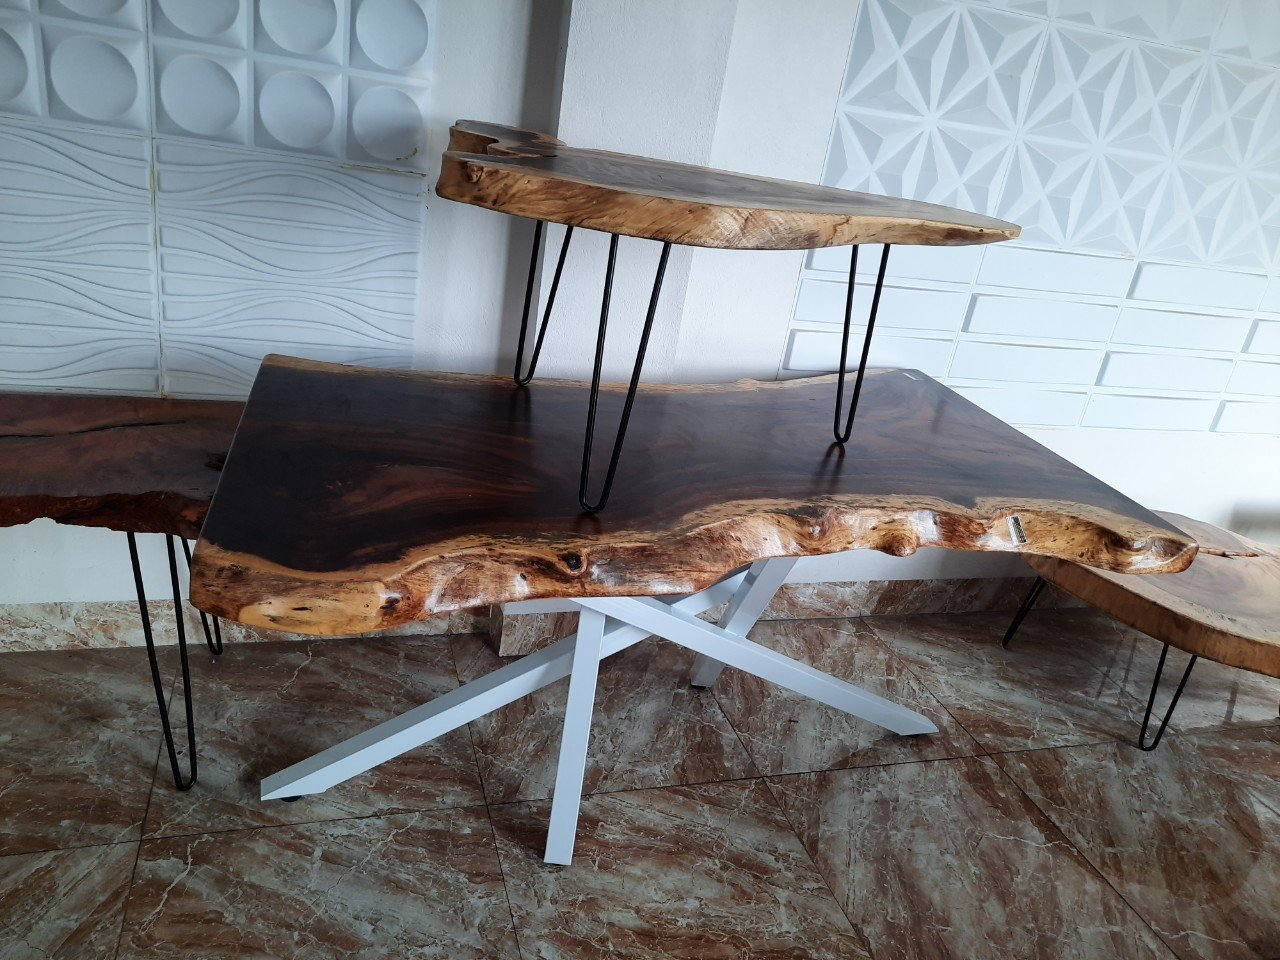 Báo giá mặt bàn gỗ me tây chi tiết